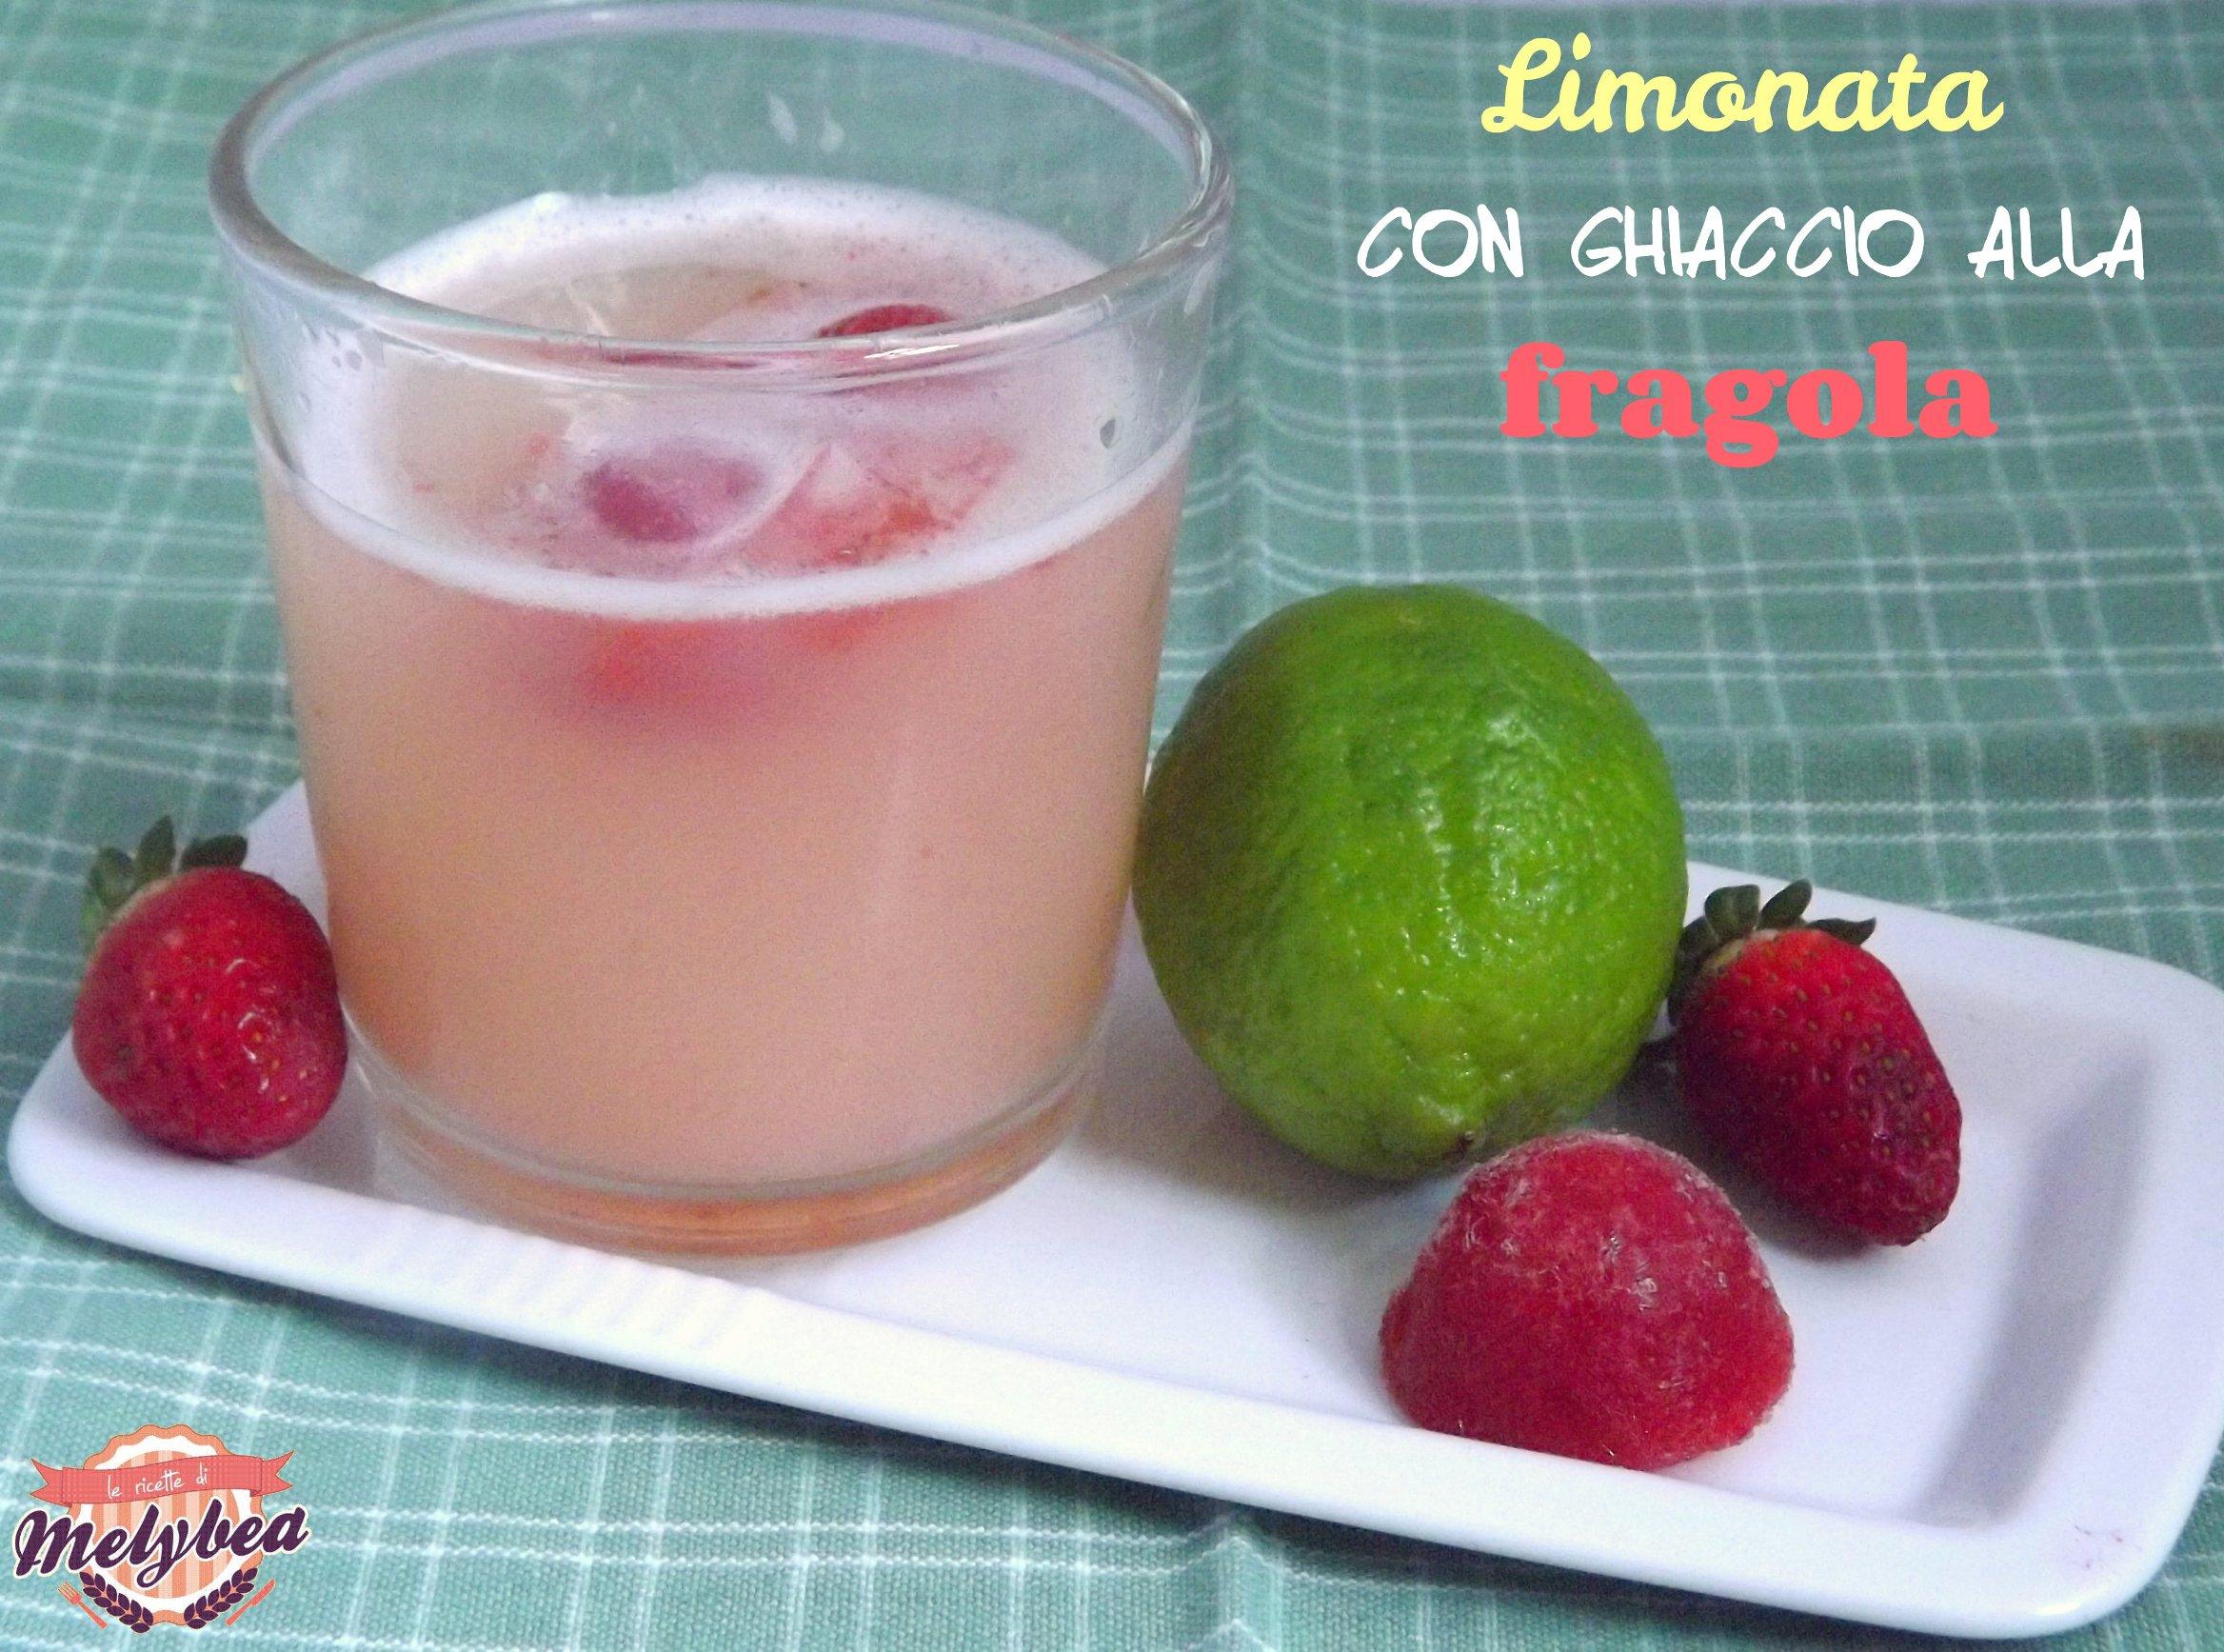 limonata con ghiaccio alla fragola